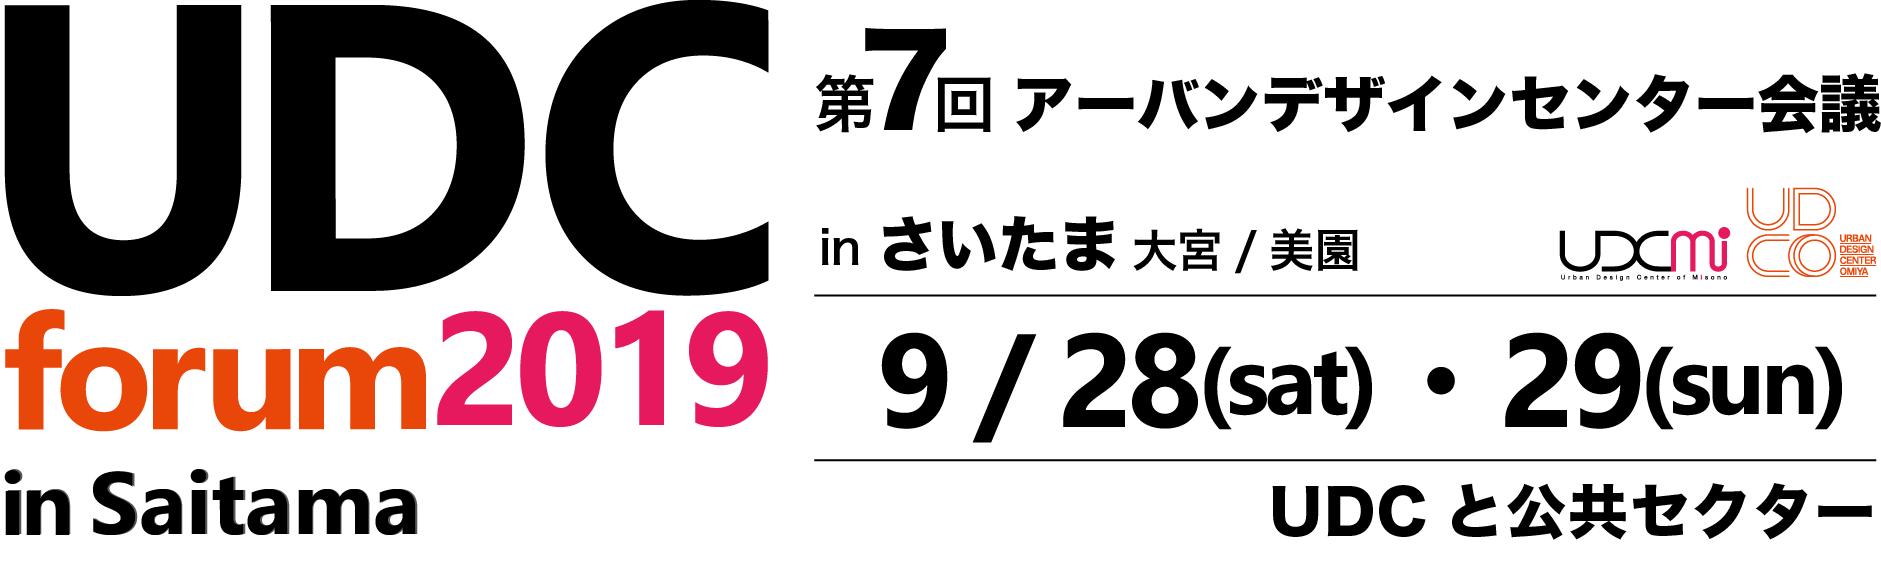 UDC会議2019バナー